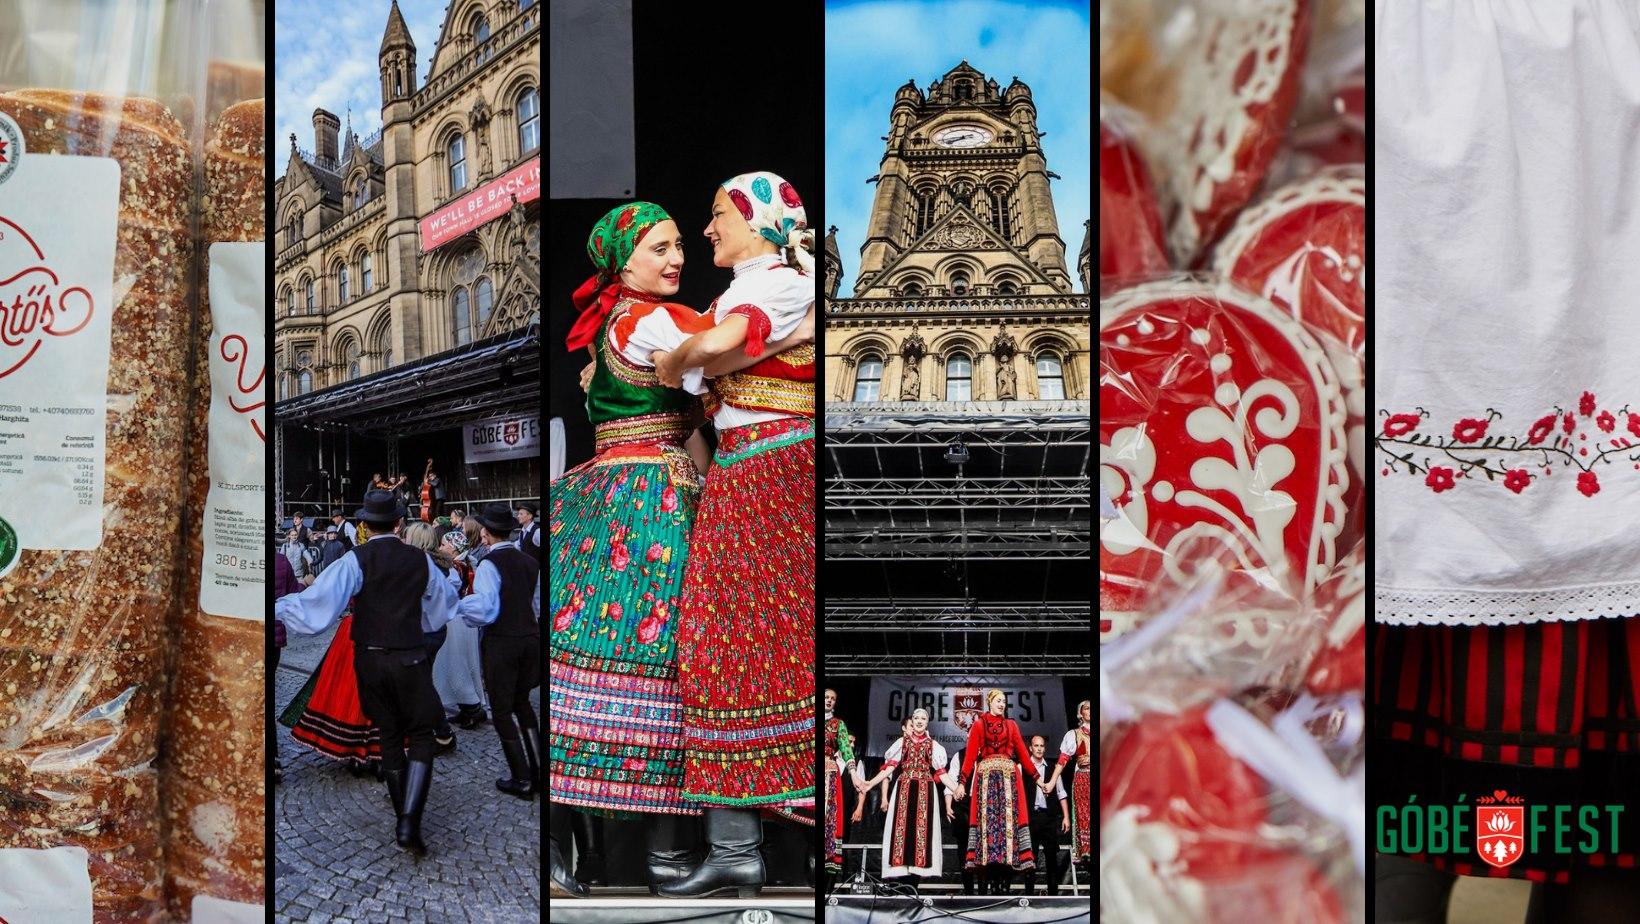 Gobefest 2021 Manchester